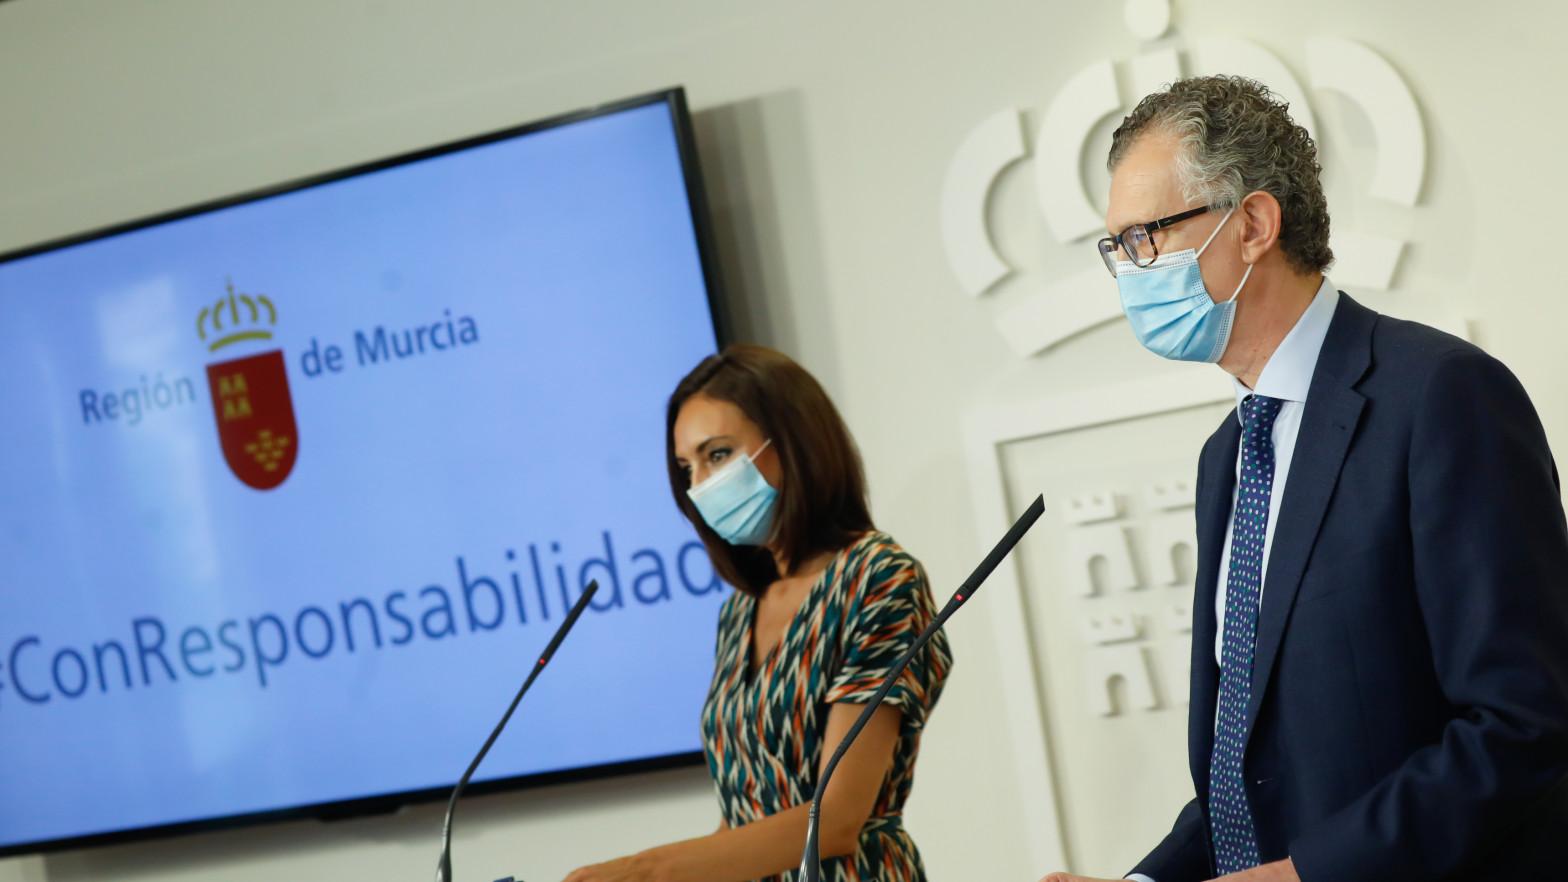 La portavoz del Ejecutivo regional, Valle Miguélez, y el consejero de Salud, Juan José Pedreño